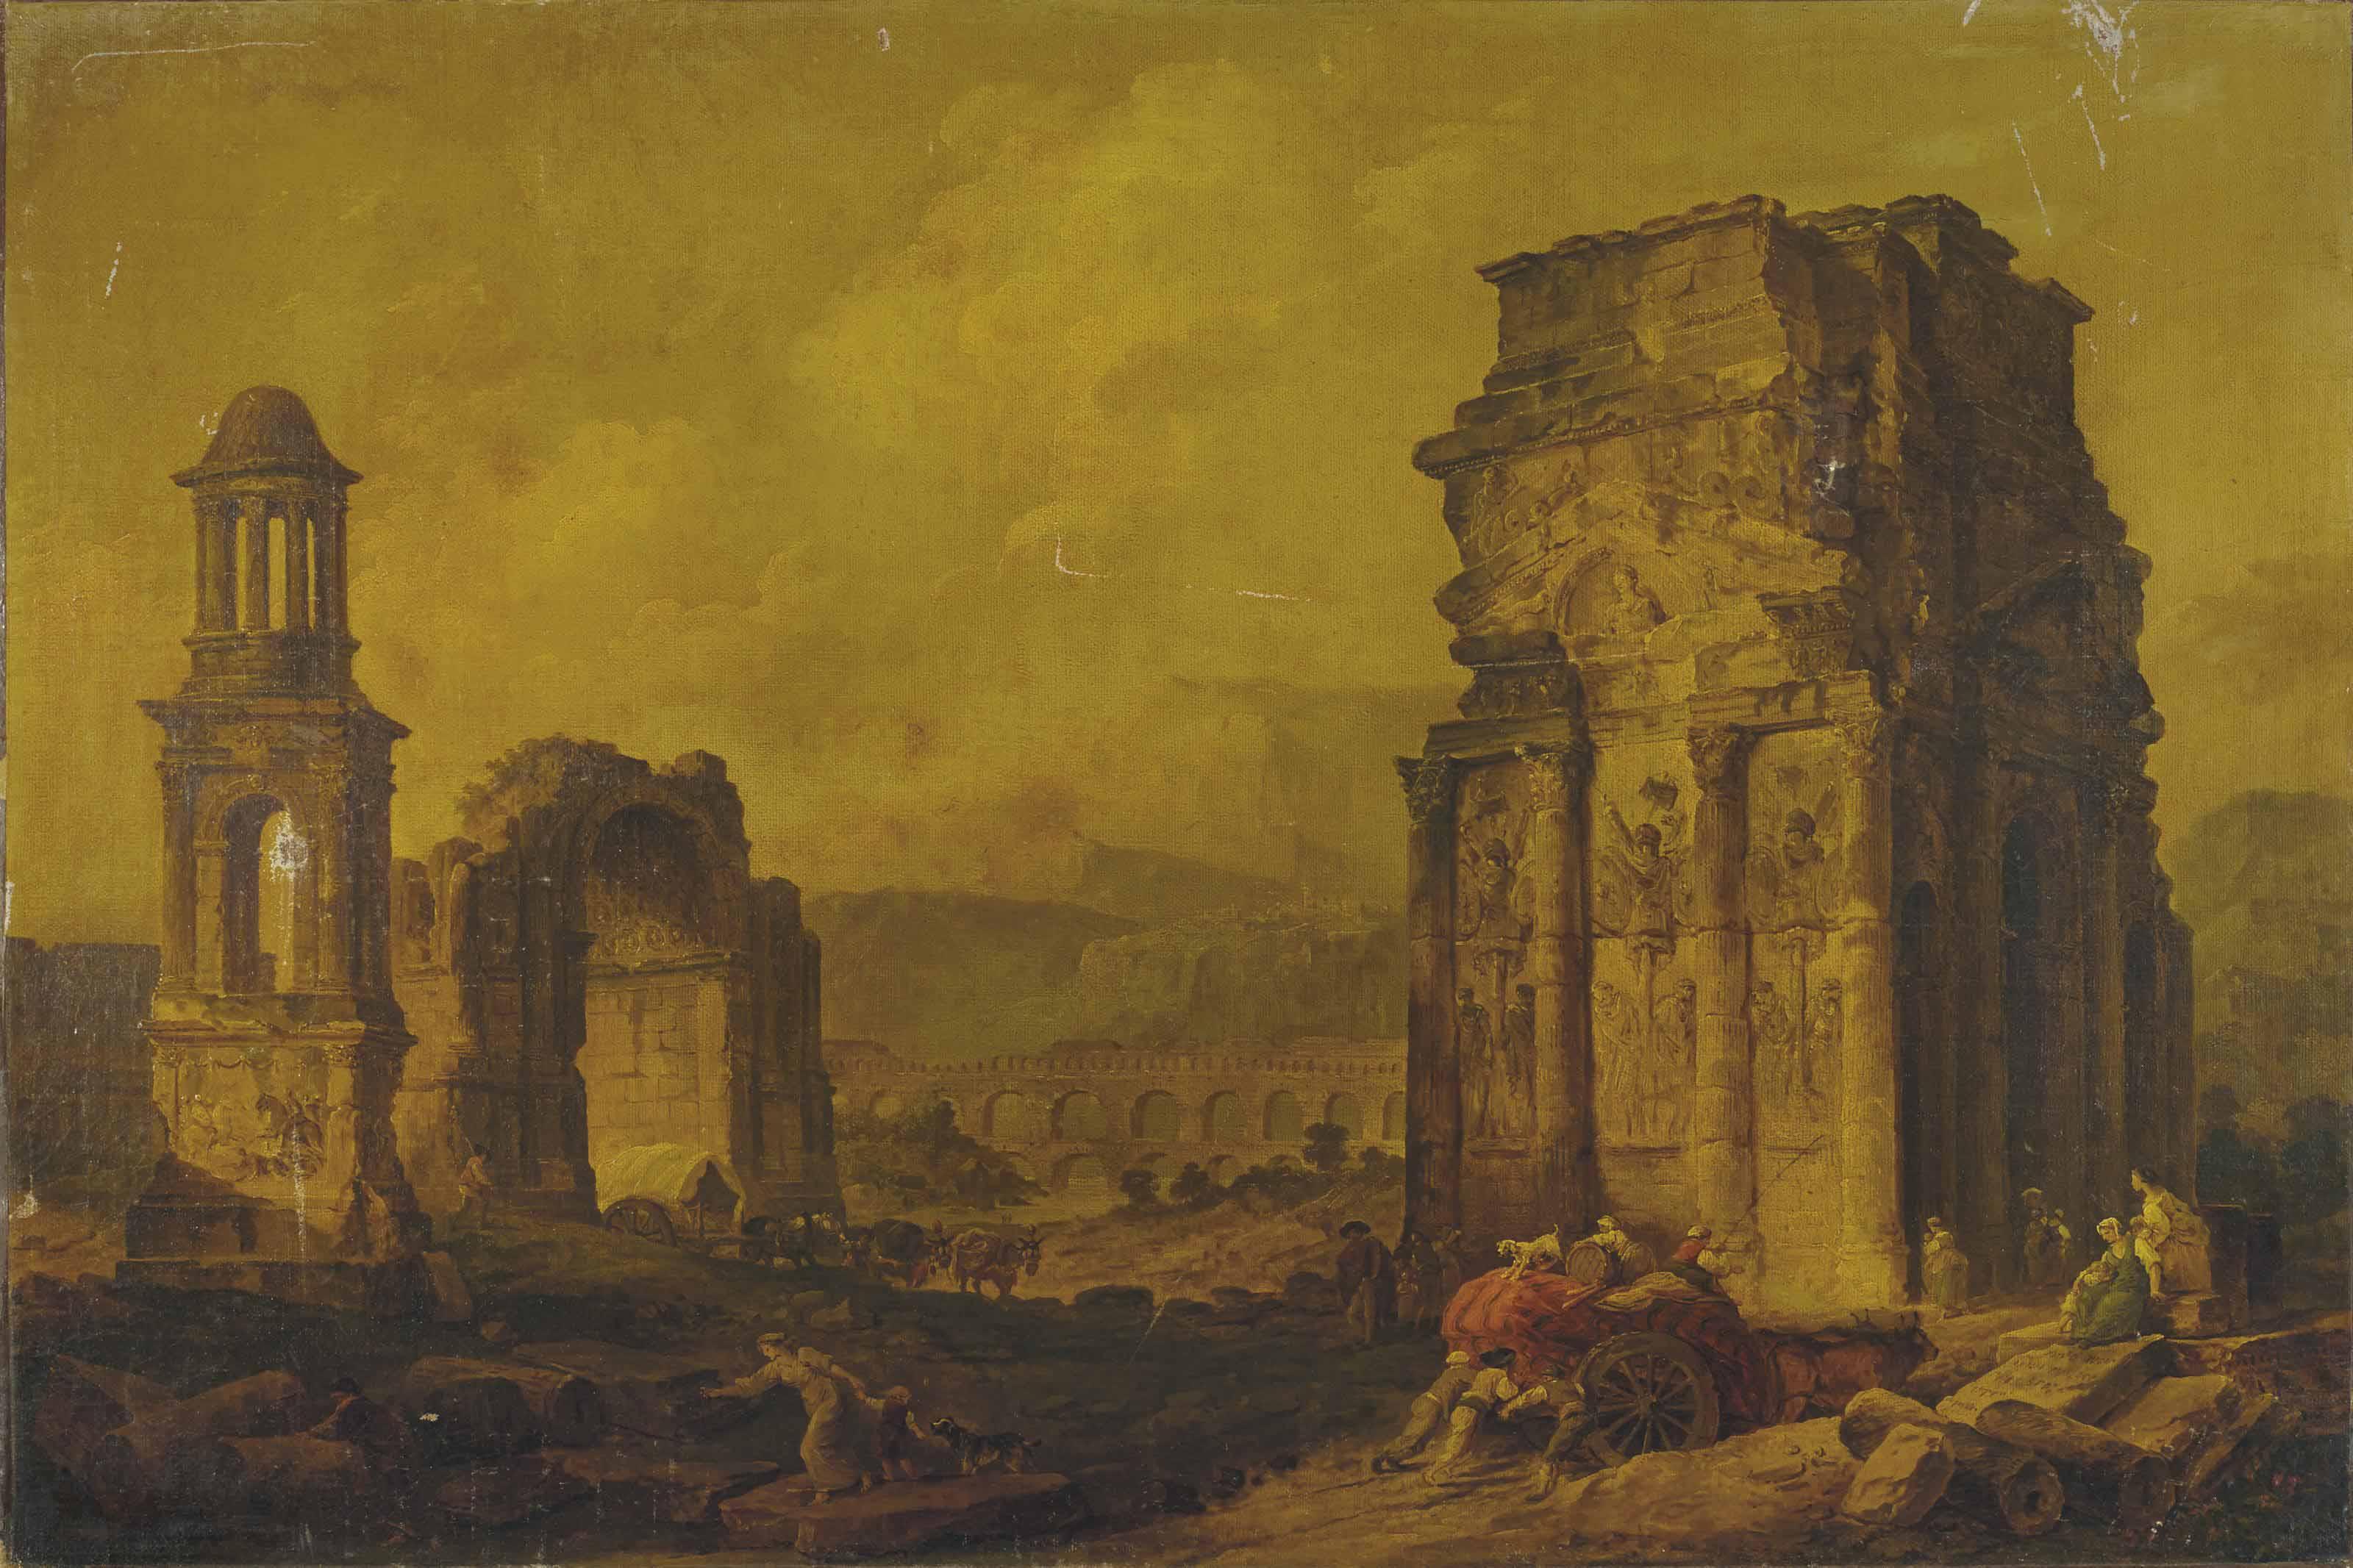 Caprice architectural avec les ruines de monuments provençaux célèbres